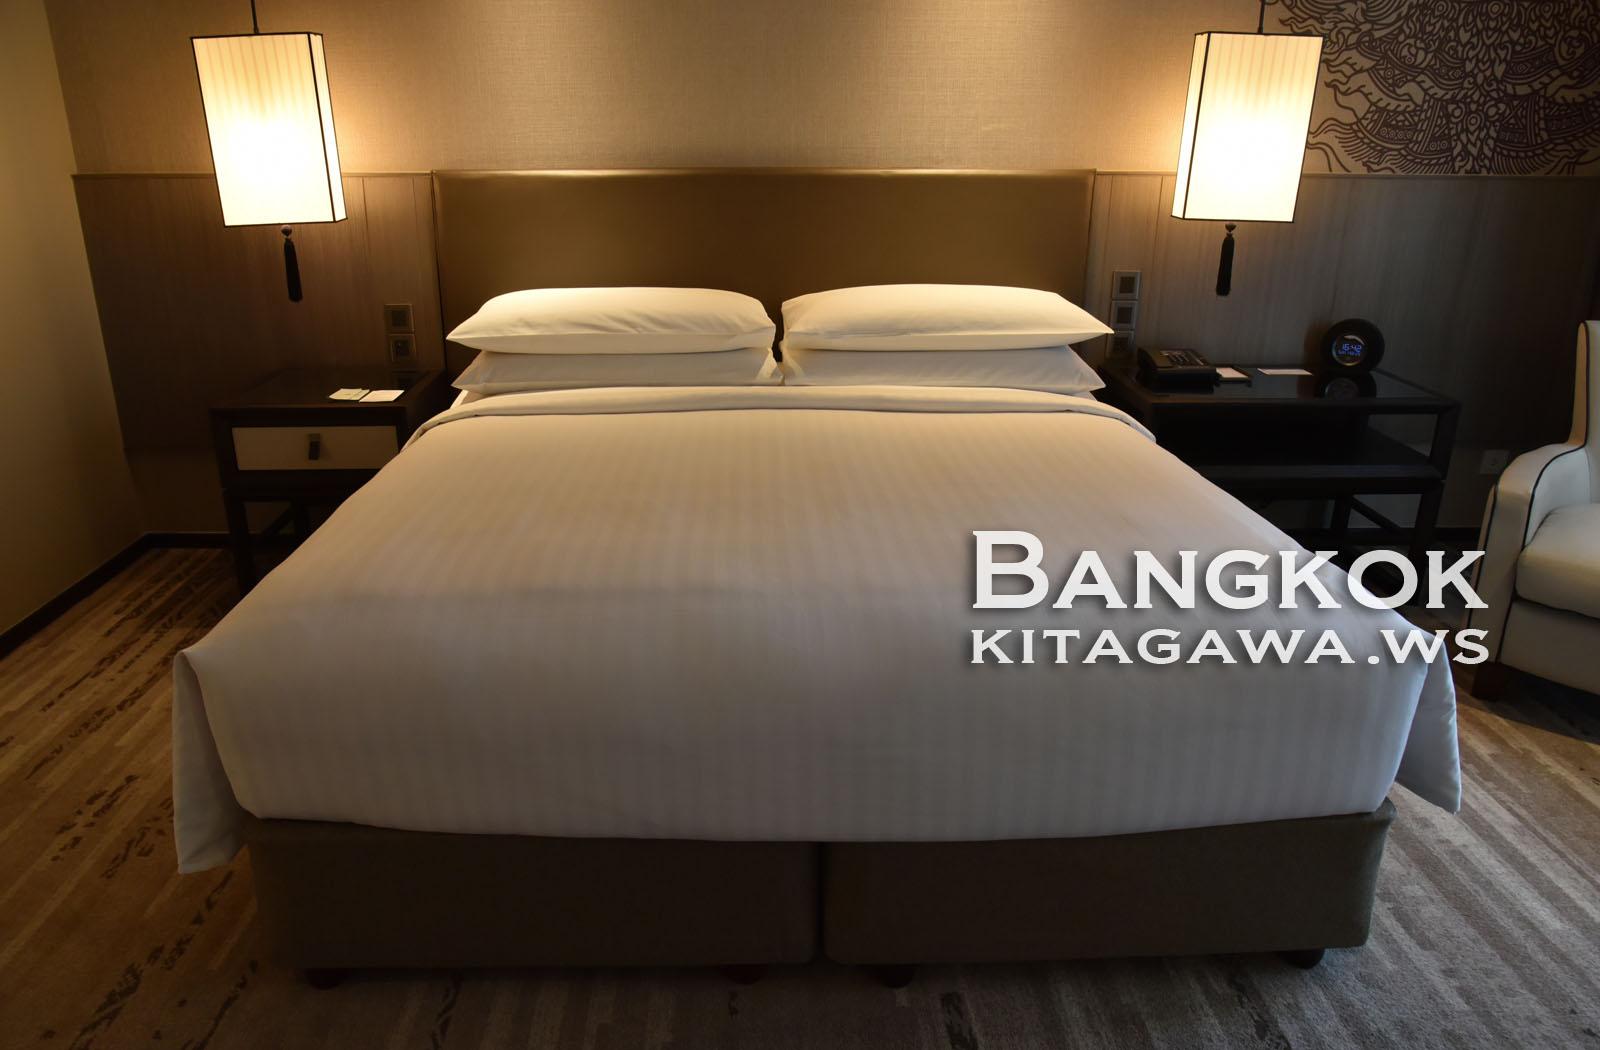 ホテル宿泊記ブログ